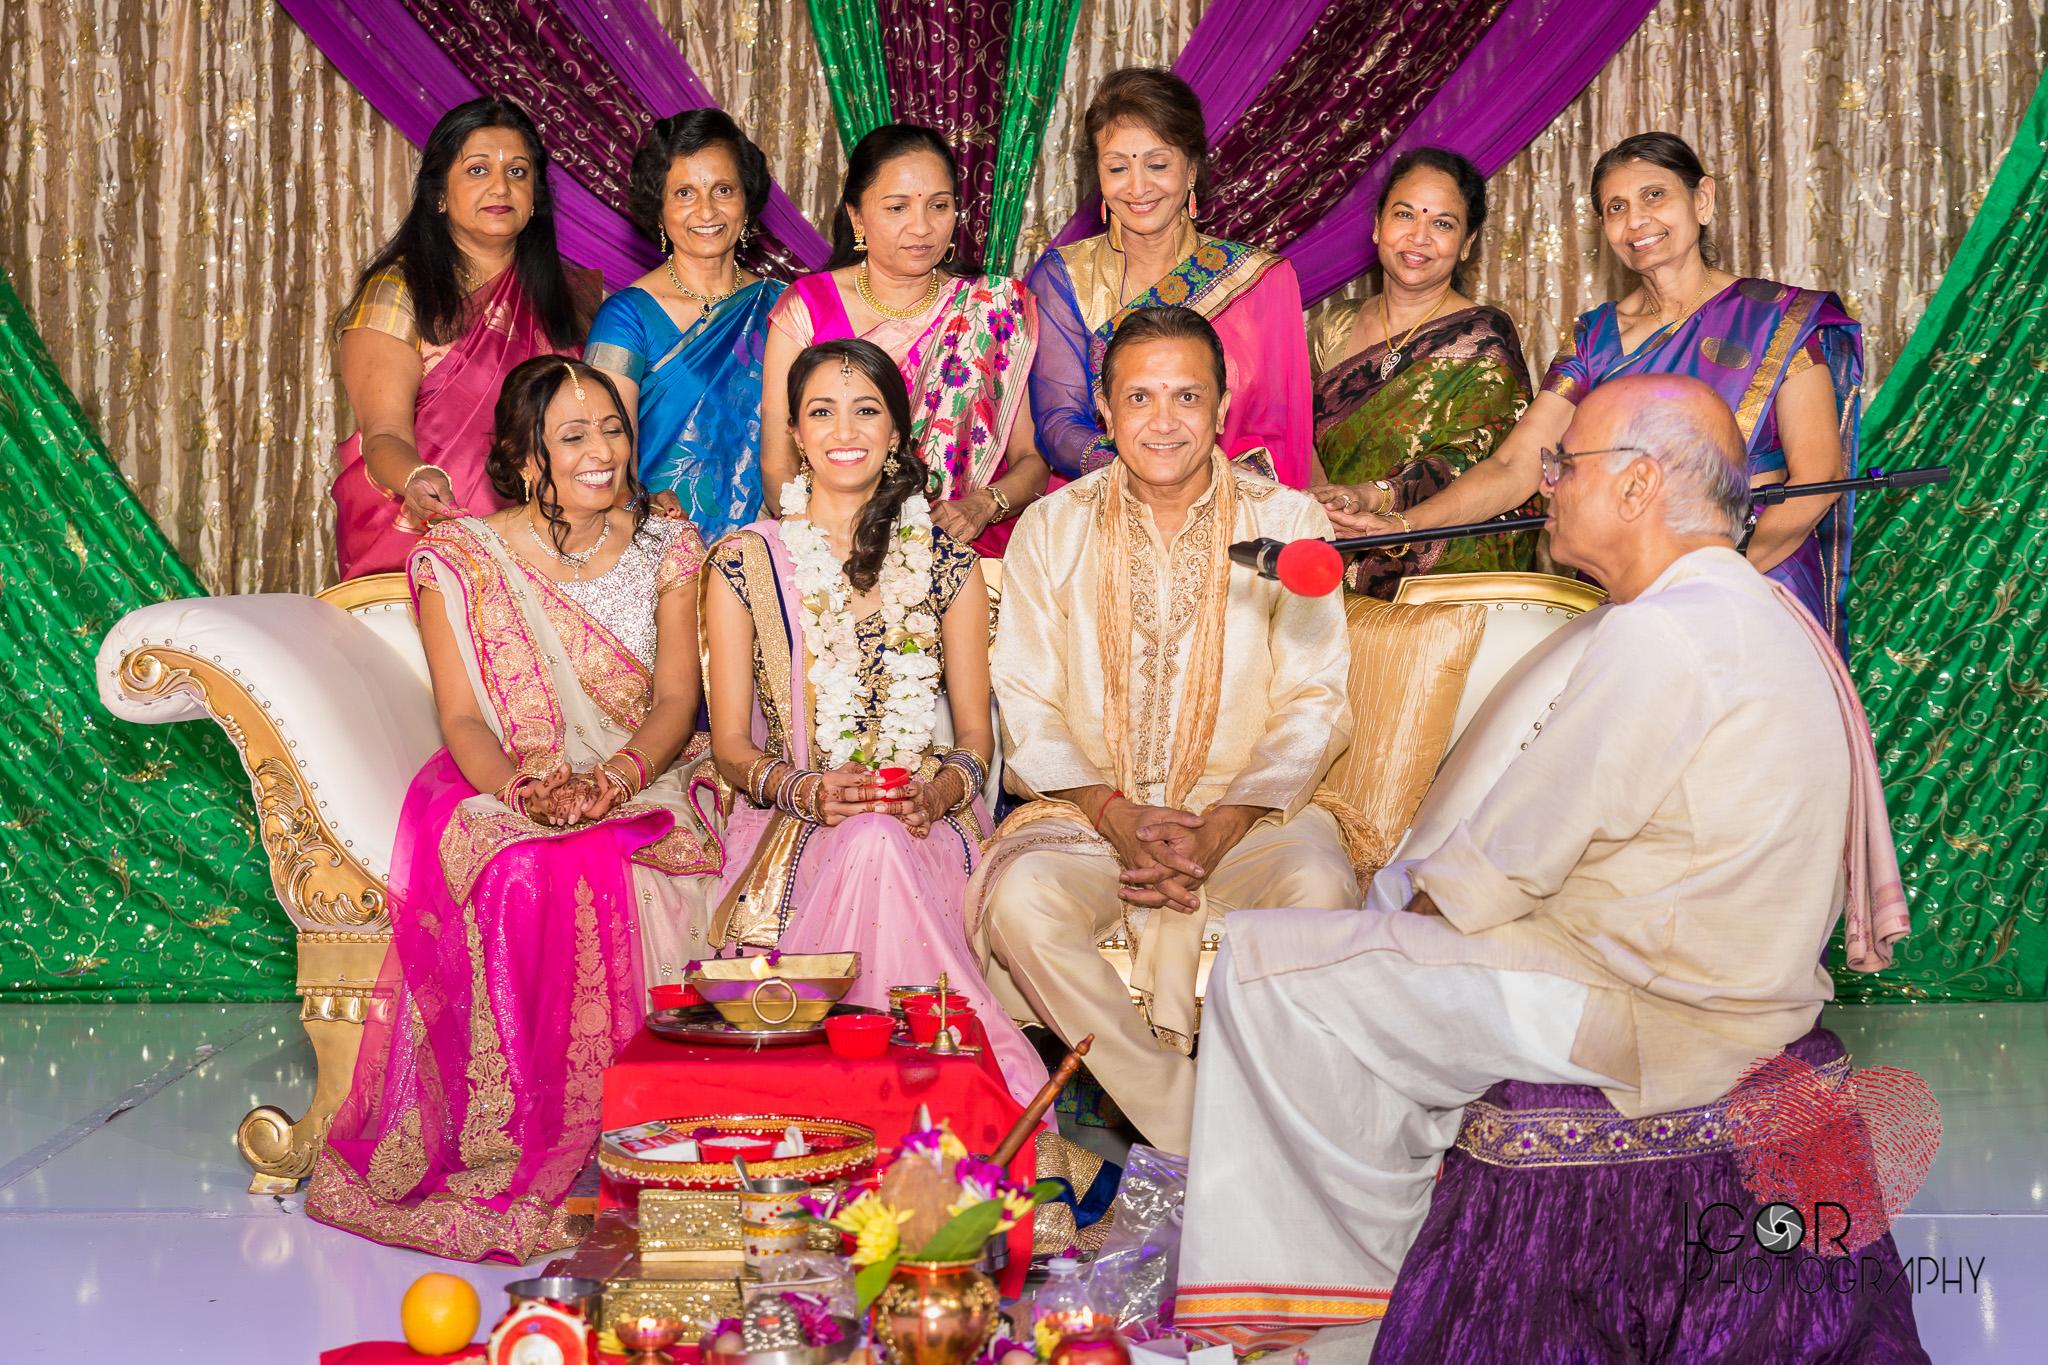 Dallas Indian ceremony photos